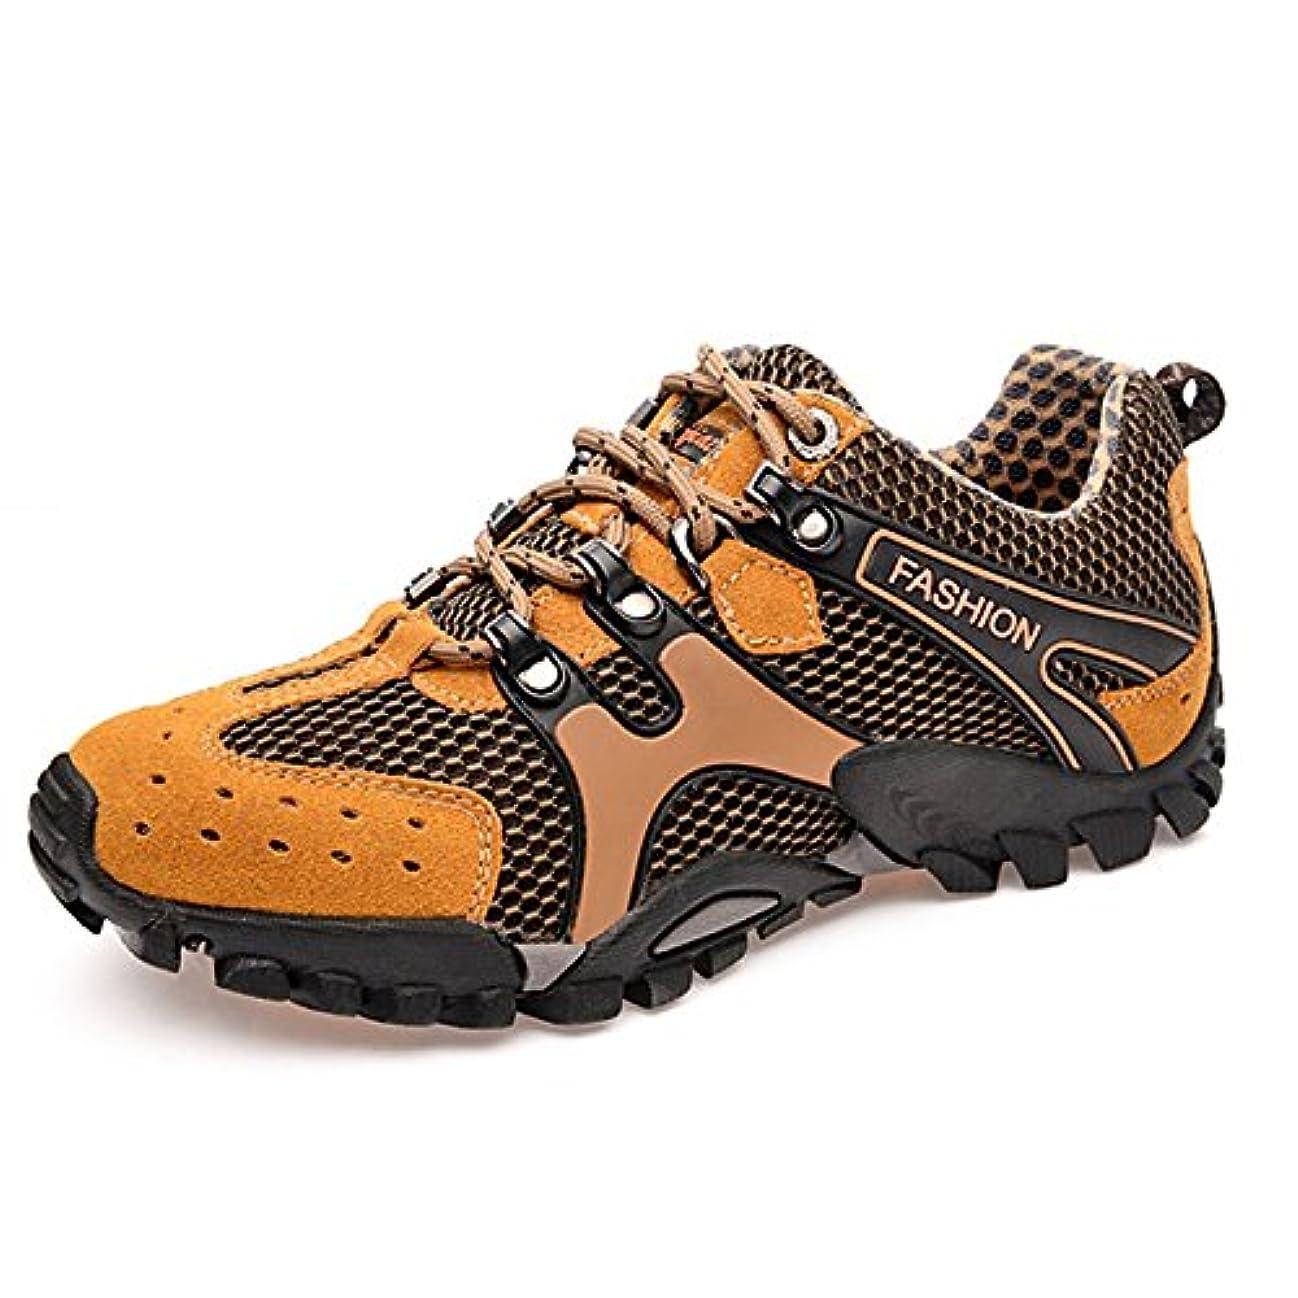 割るスクラップブックモルヒネアウトドアシューズ トレッキングシューズ レディース メンズ/ローカット 4e ハイキングシューズ メンズ 登山靴 24.0cm 24.5cm 25.0cm 25.5cm 26.0cm 26.5cm 27.0cm 27.5cm 28.0cm 「イノヤ」